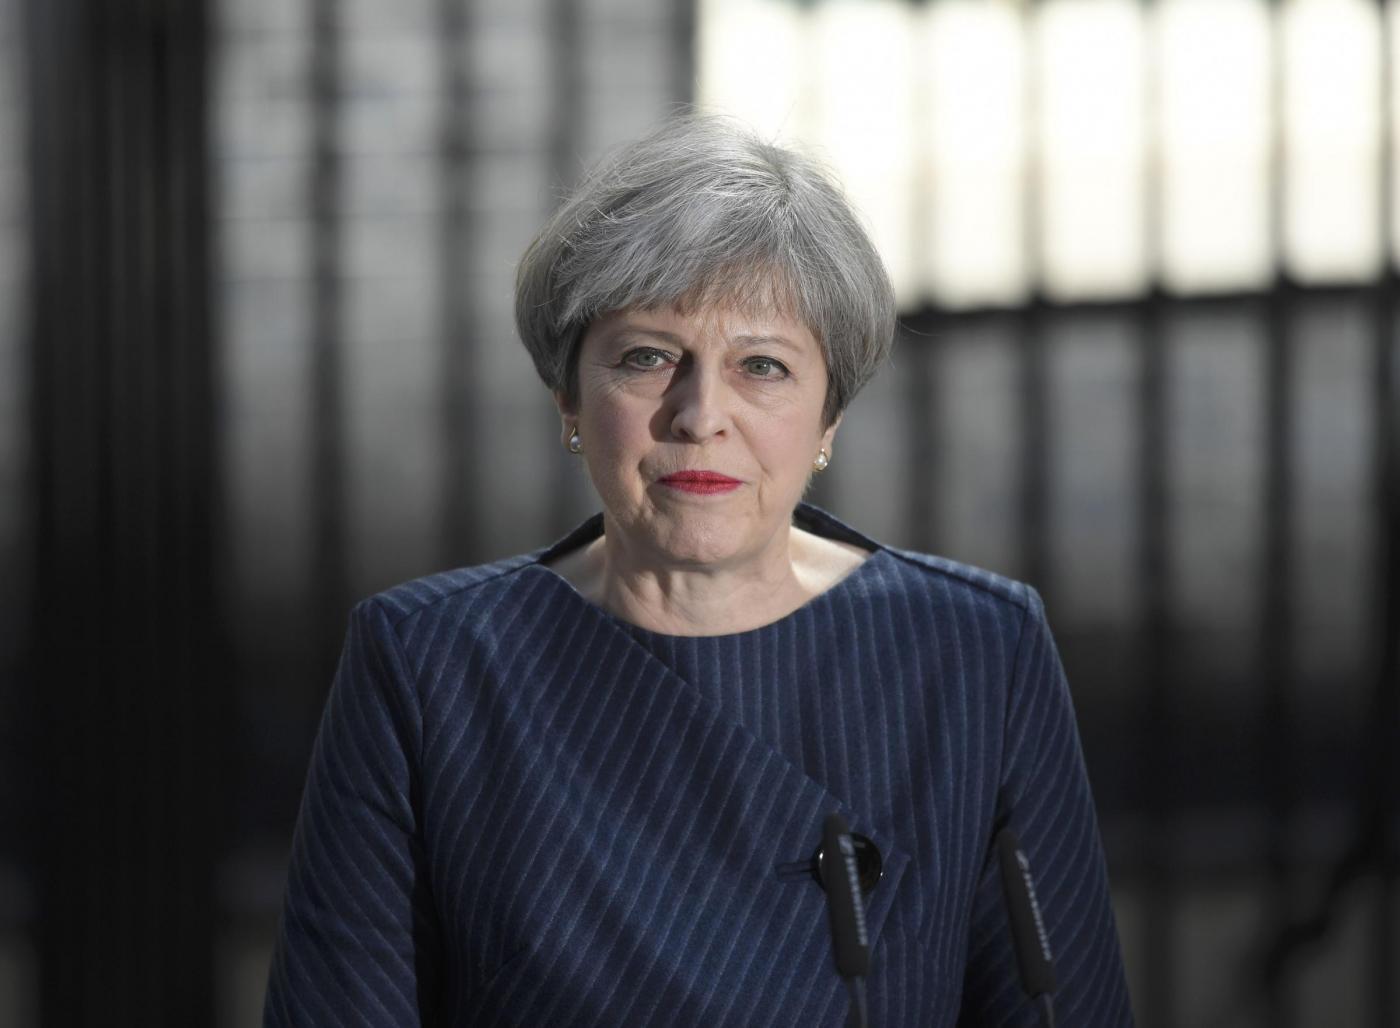 Londra, il premier Theresa May annuncia elezioni anticipate all'8 giugno